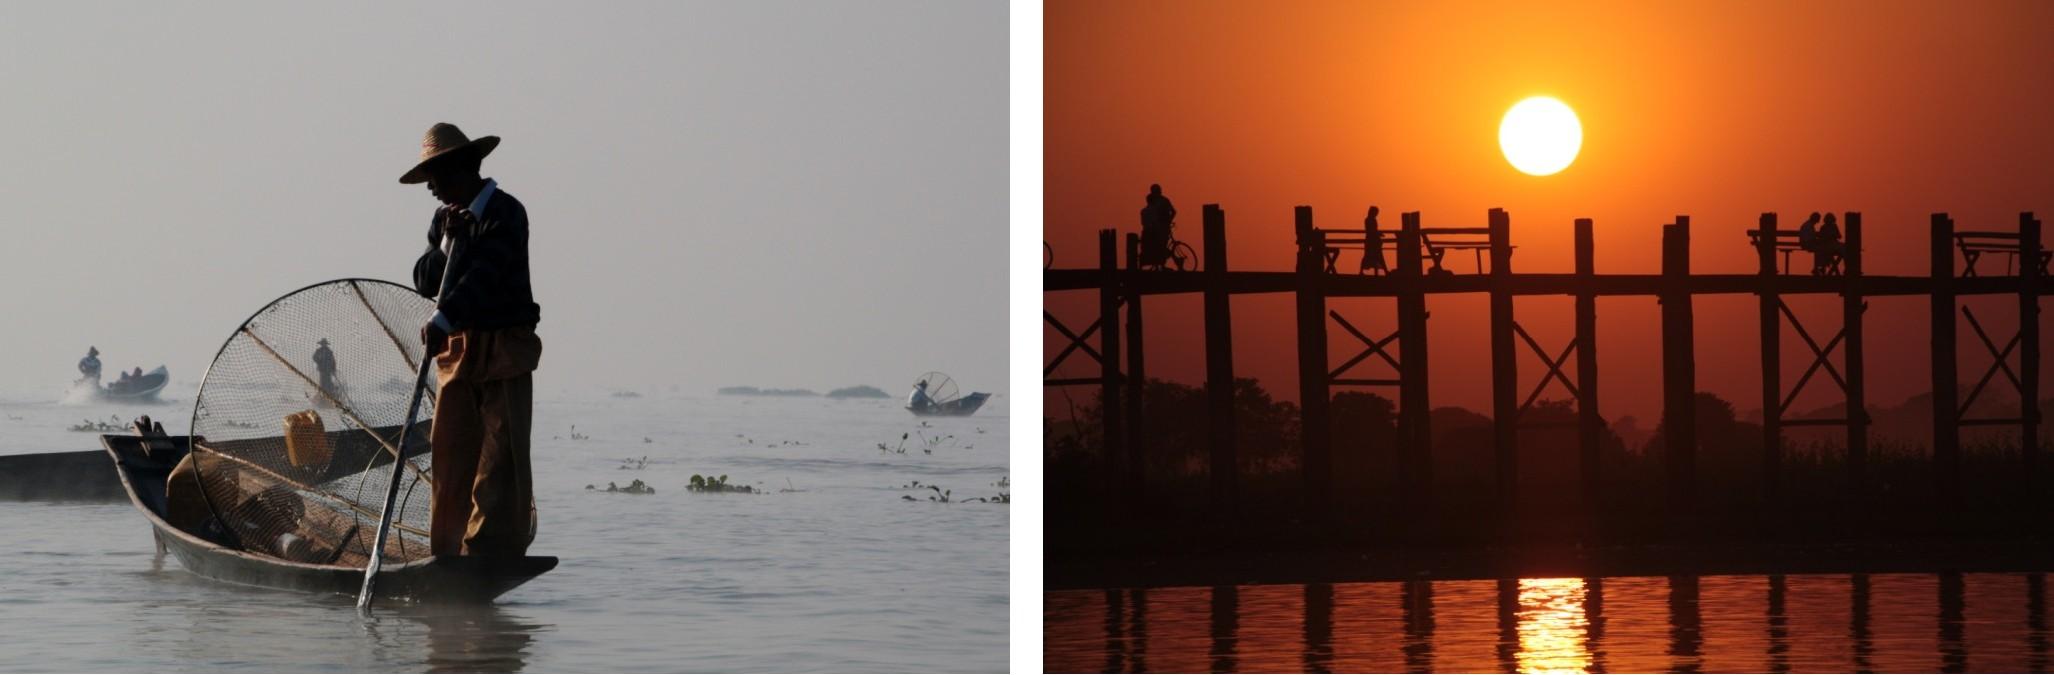 Reisregisseur rondreizen Myanmar